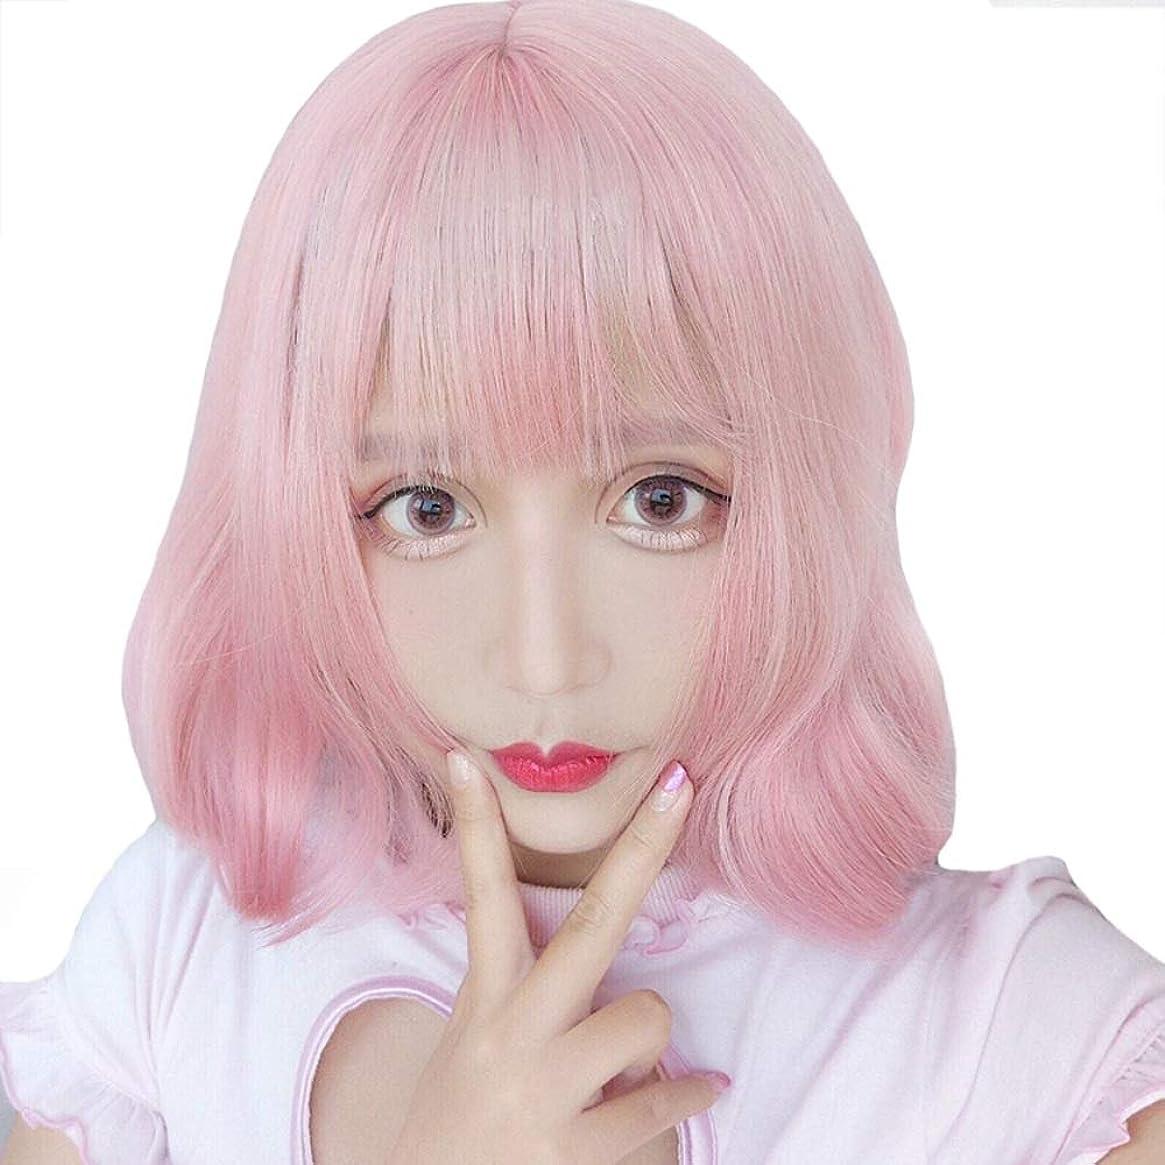 かつら - レディースショートロール高温シルクかつらコスプレハロウィーンナチュラルファック25cmピンク (色 : Pink, サイズ さいず : 25cm)